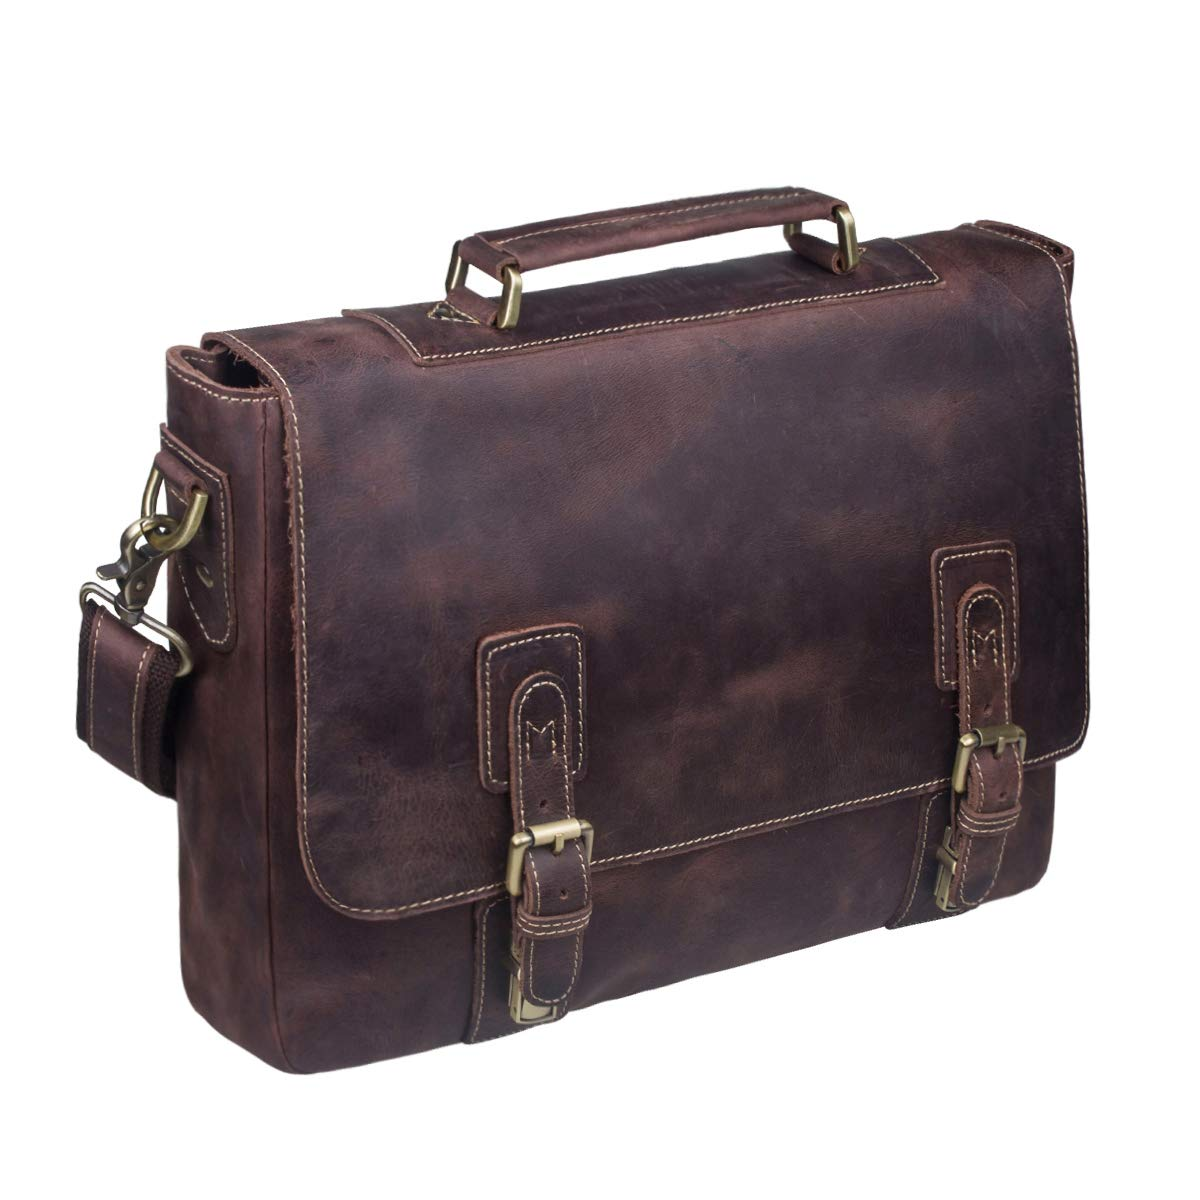 S-ZONE Men's Crazy Horse Leather Satchel Briefcase Shoulder Bag Messenger Bag 14'' Laptop Tote Bag